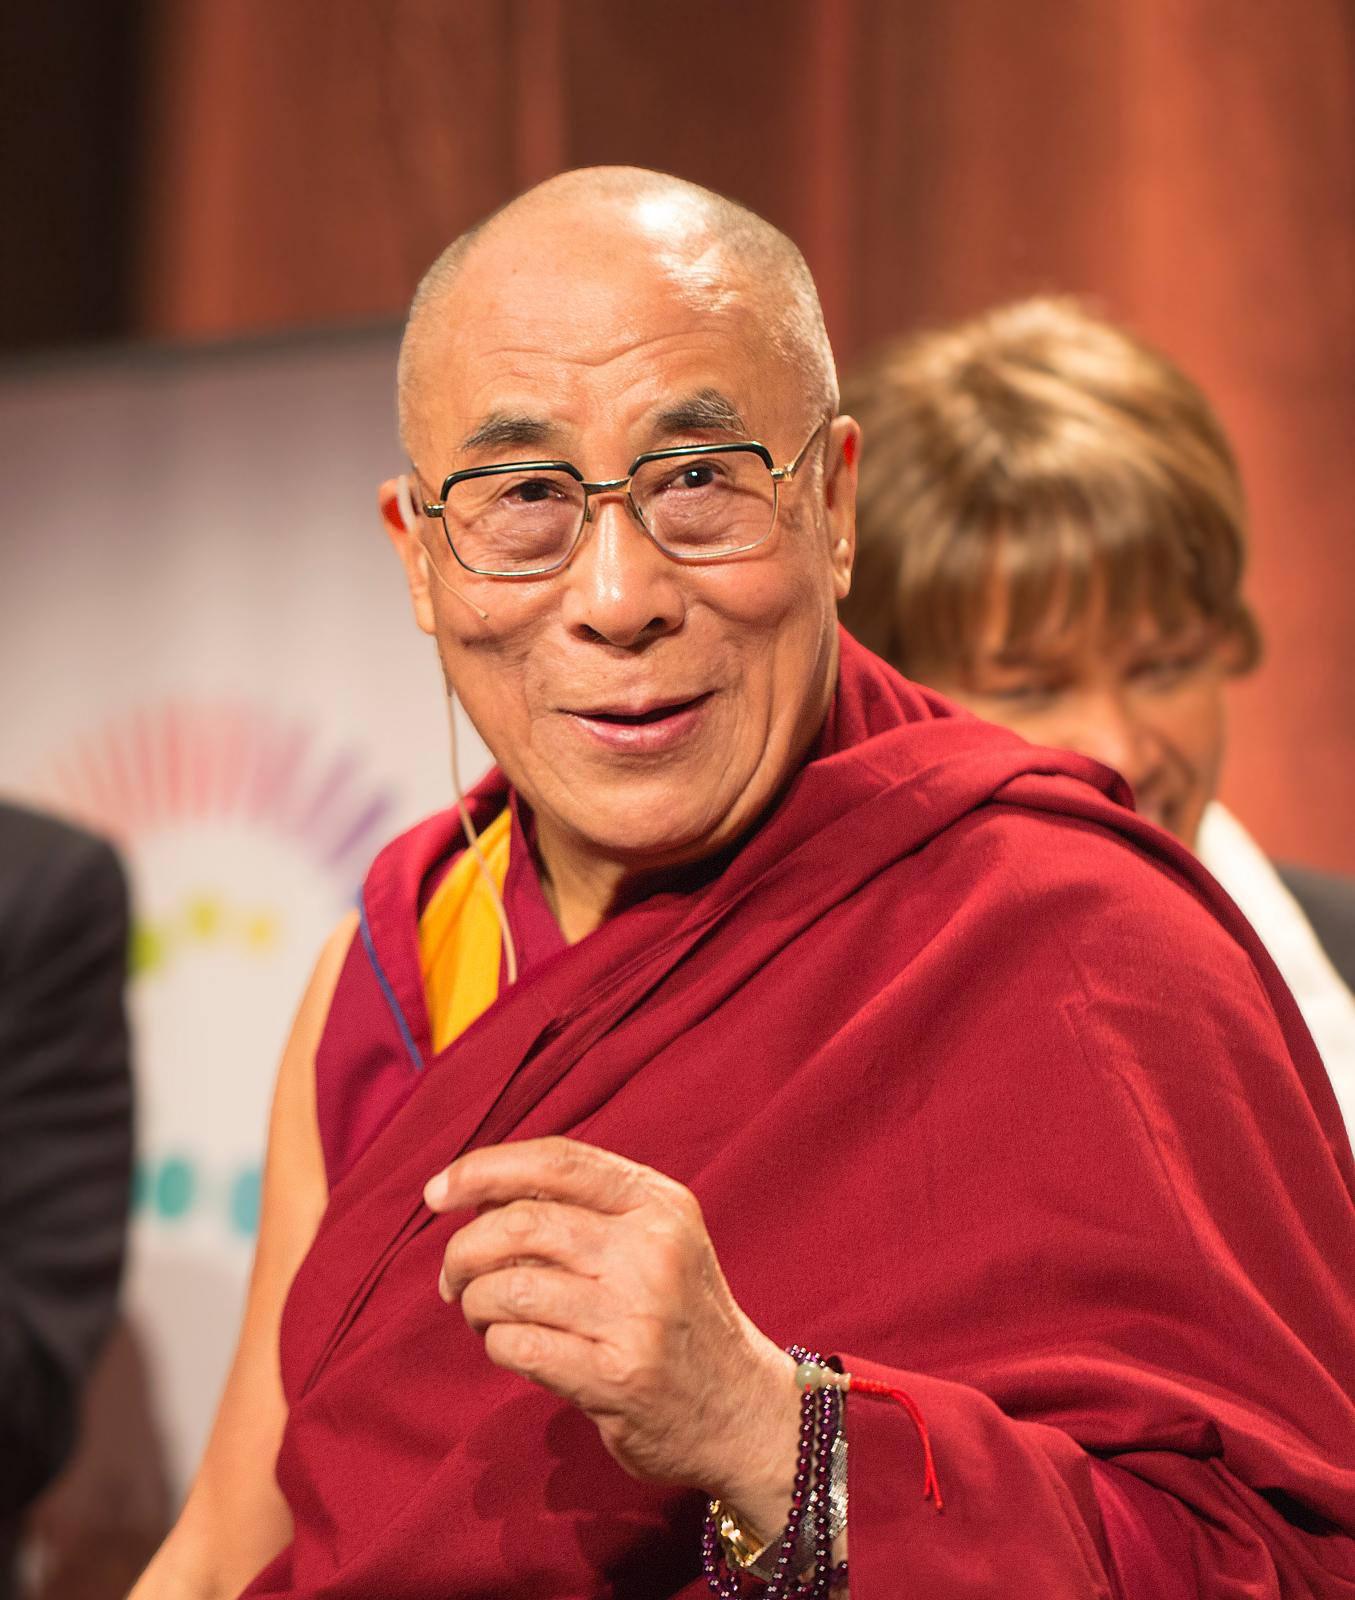 تينزن جياستو, البوذية, الديانة البوذية, دالاي لاما